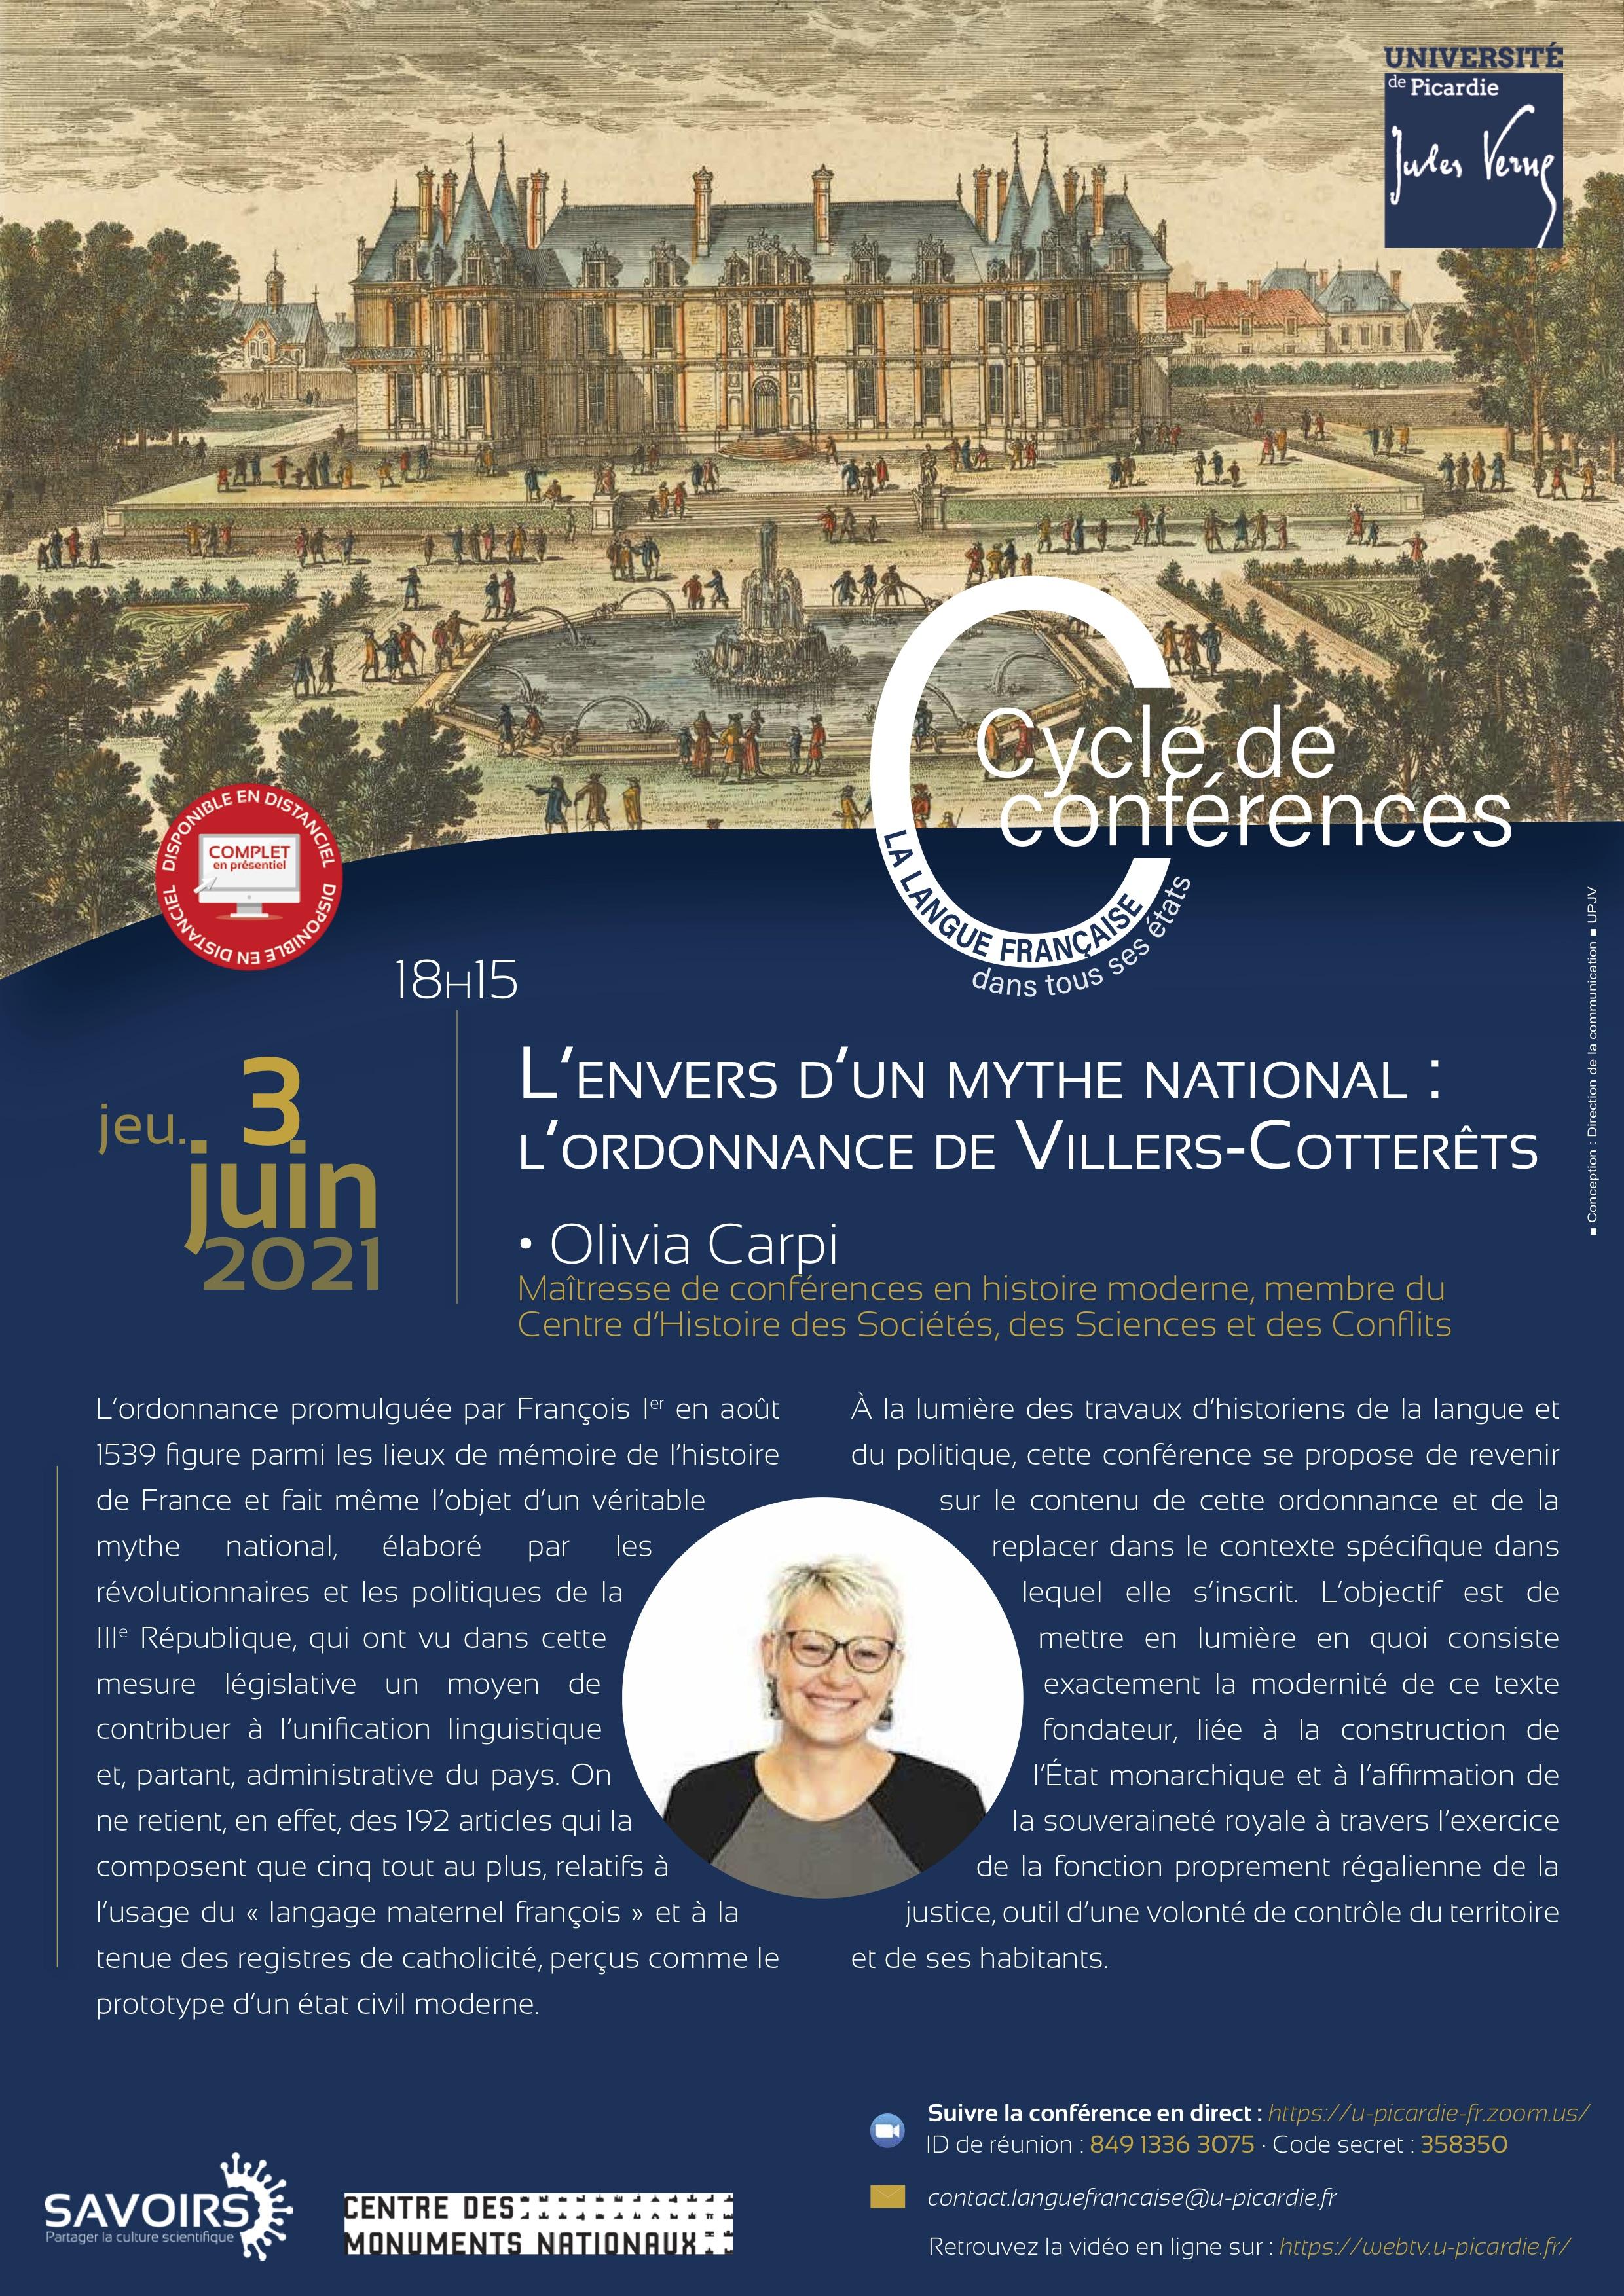 Cycle de conférences - La langue française dans tous ses états - Olivia Carpi